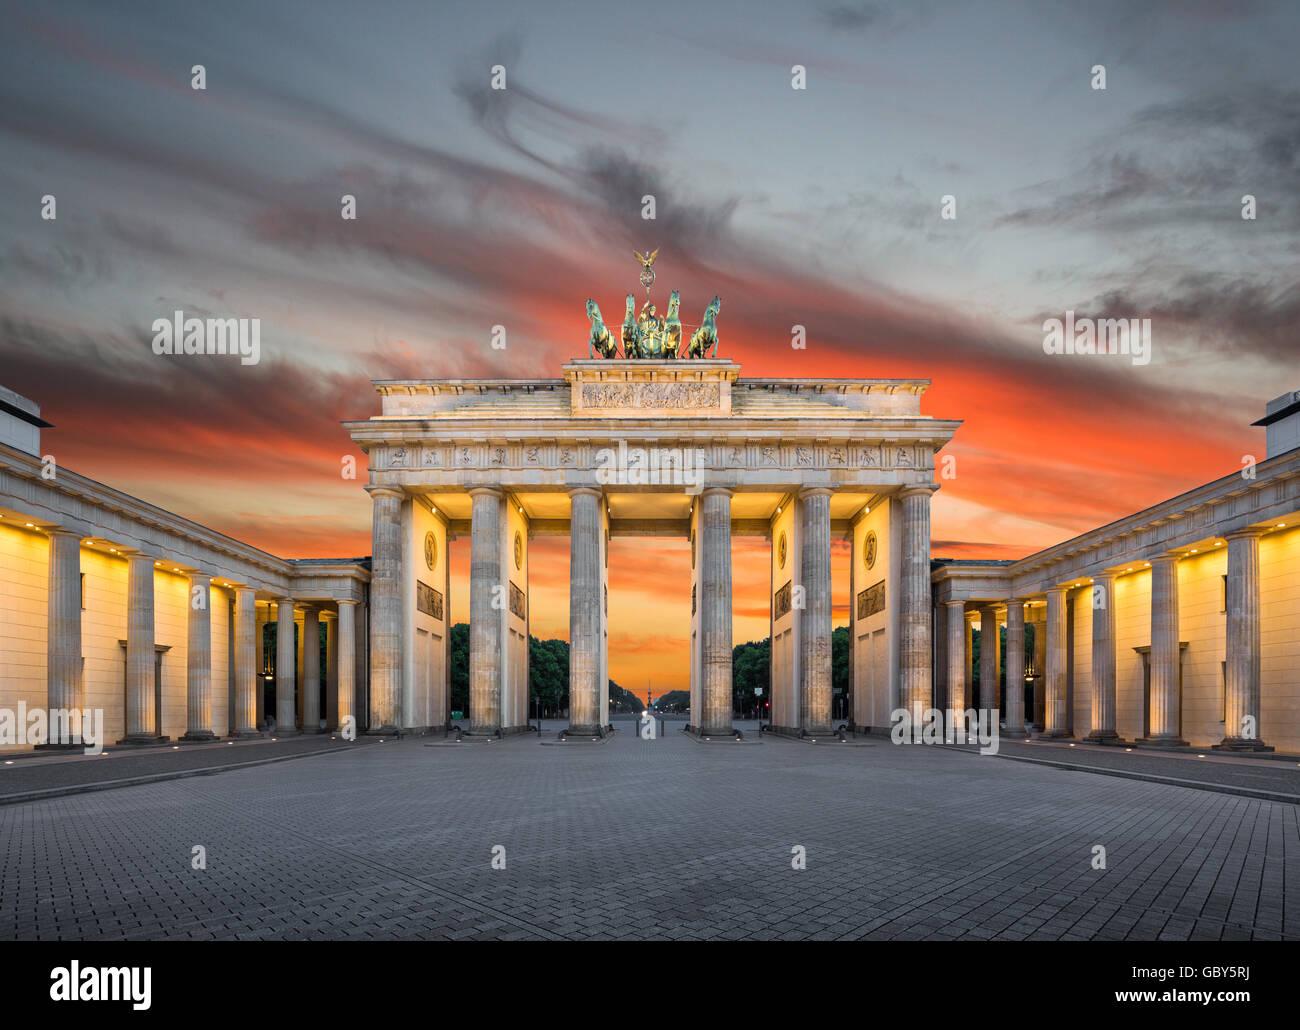 Visualizzazione classica della famosa Porta di Brandeburgo in Twilight, il centro di Berlino, Germania Immagini Stock